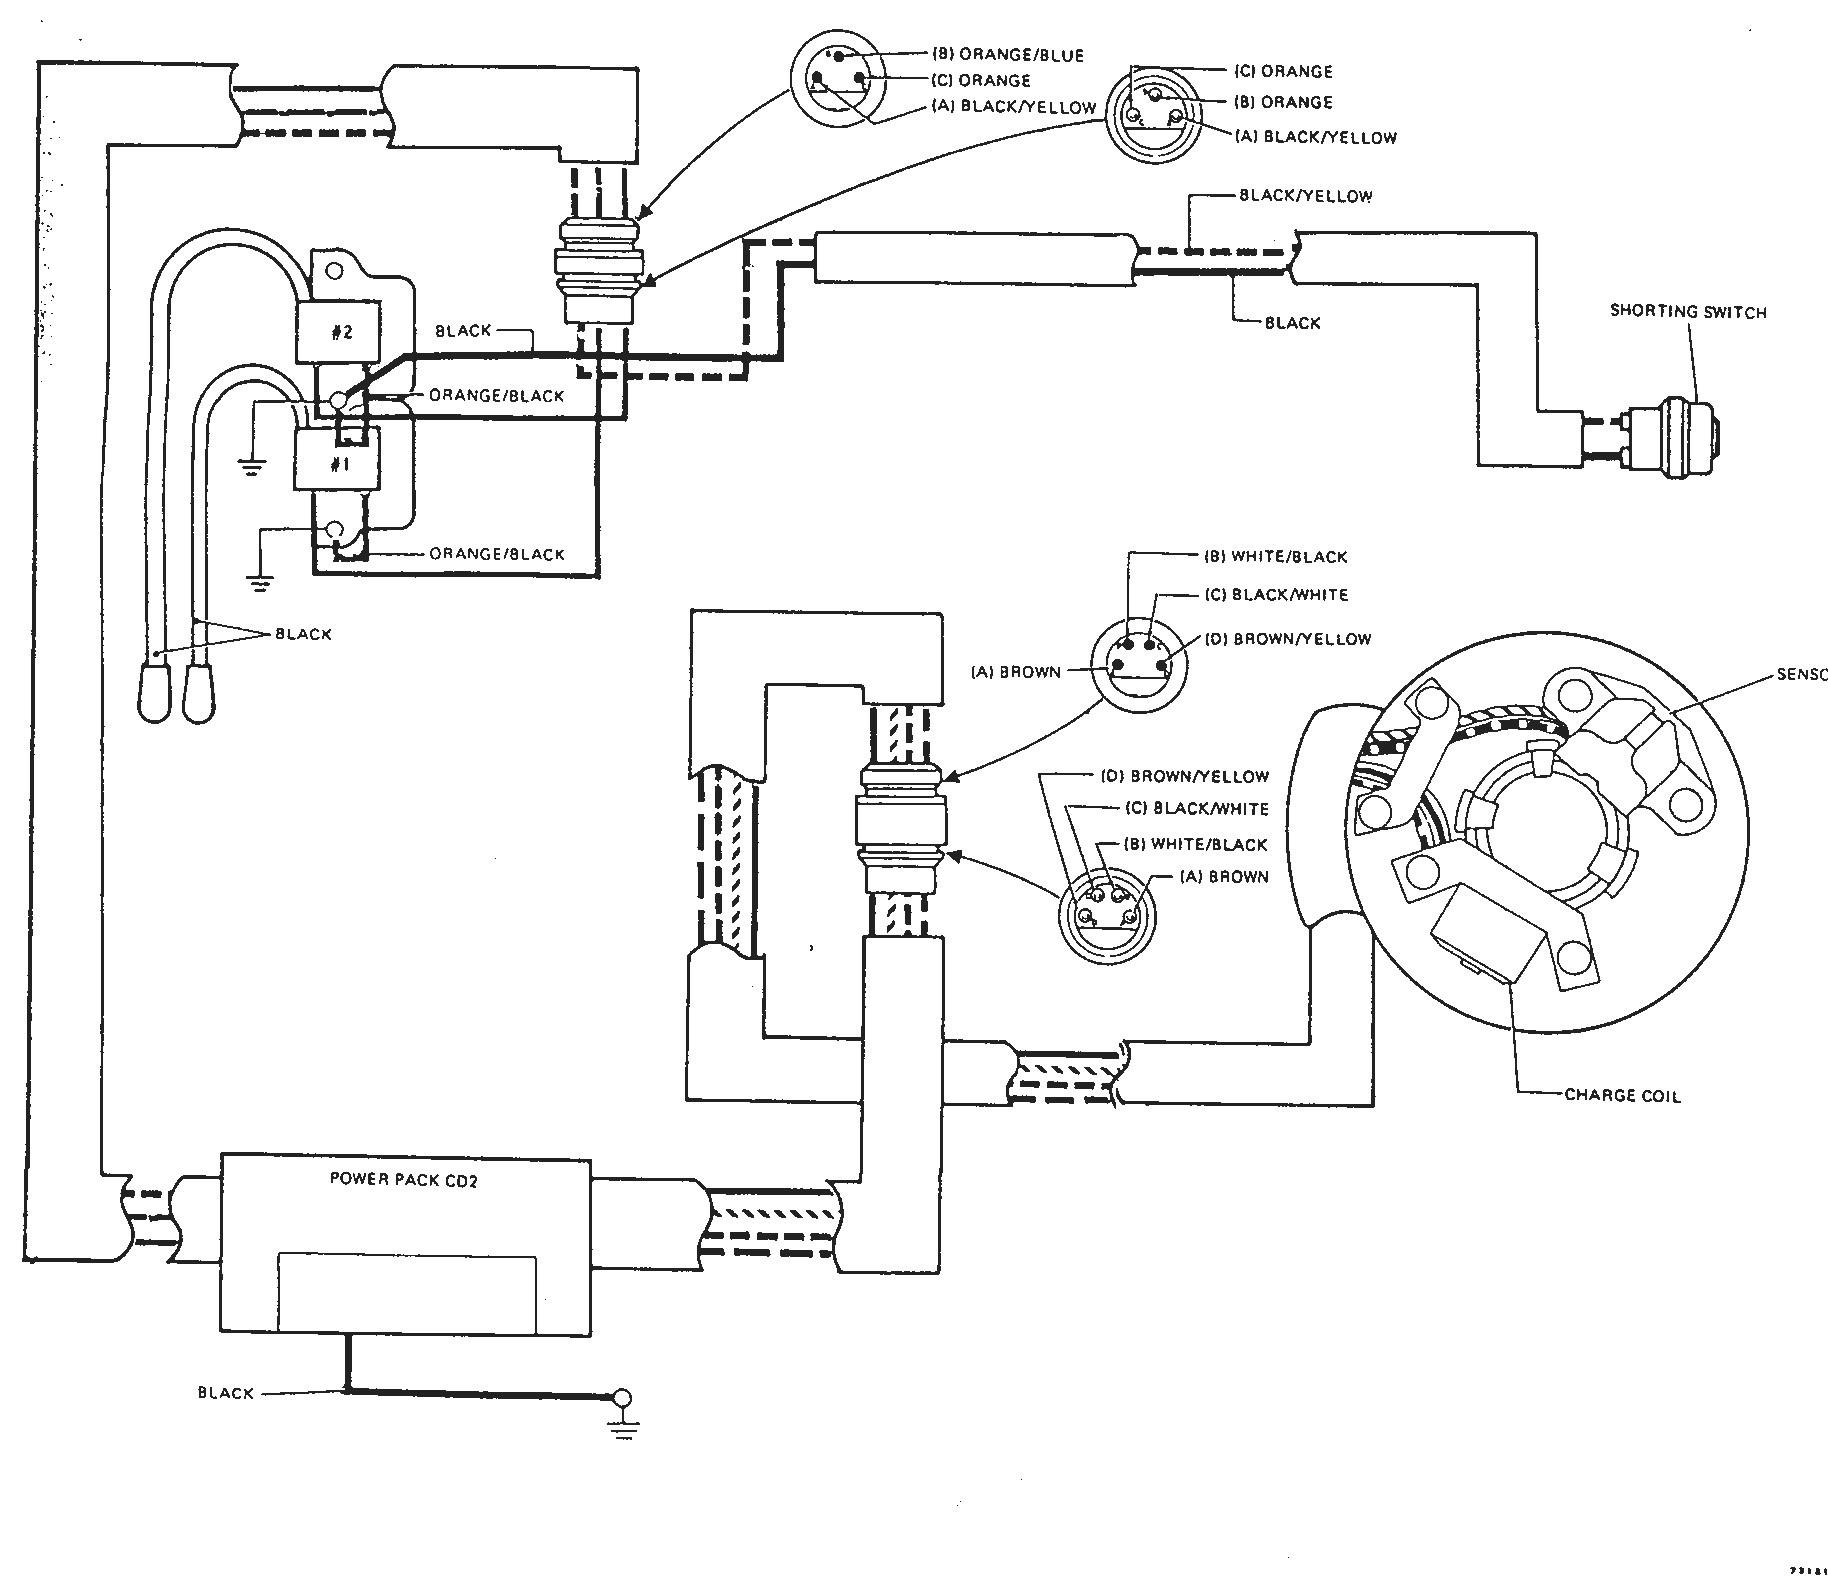 cutler hammer schematics wiring schematics diagram Engine Starter Wiring Diagram cutler hammer schematics auto electrical wiring diagram cutler hammer unitrol schematic cutler hammer schematics